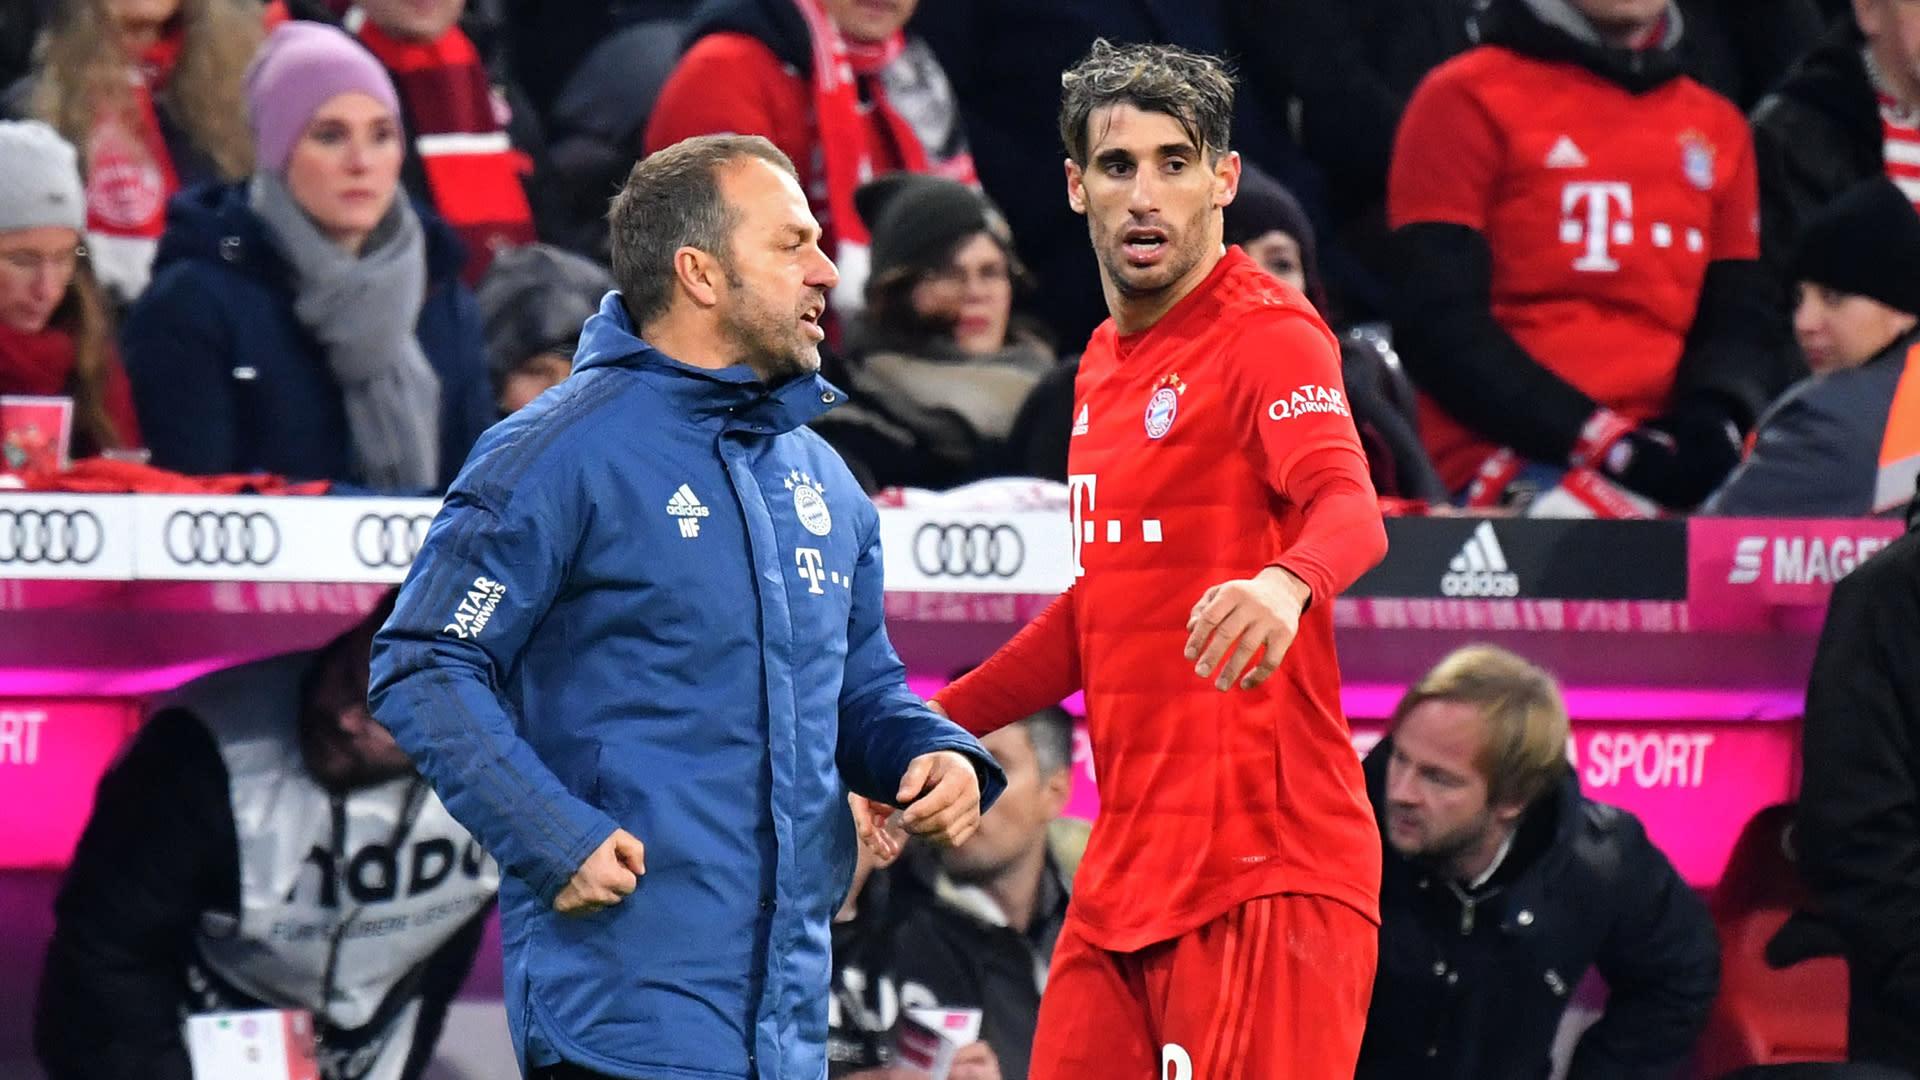 Bei Ex-Coach Kovac hatte Javi Martinez einen schweren Stand. Unter Hansi Flick blühte der Spanier zuletzt wieder auf und erntete nun Lob vom Coach.